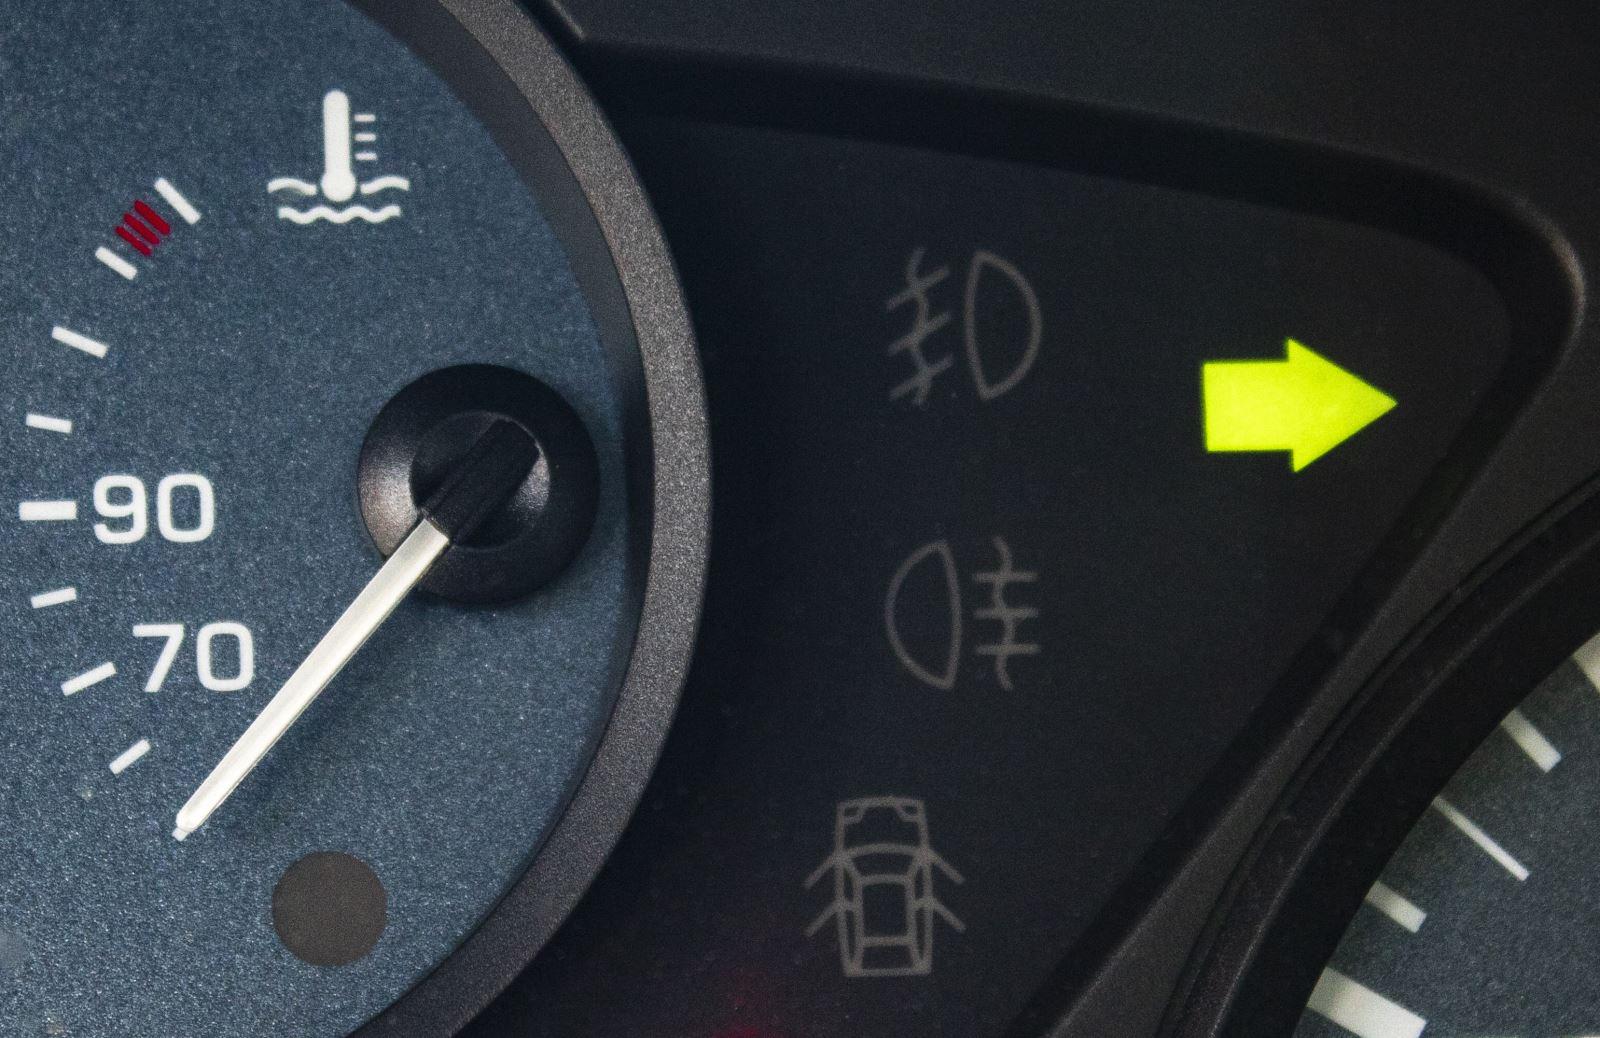 Warnleuchten & Kontrollleuchten am Auto einfach erklärt